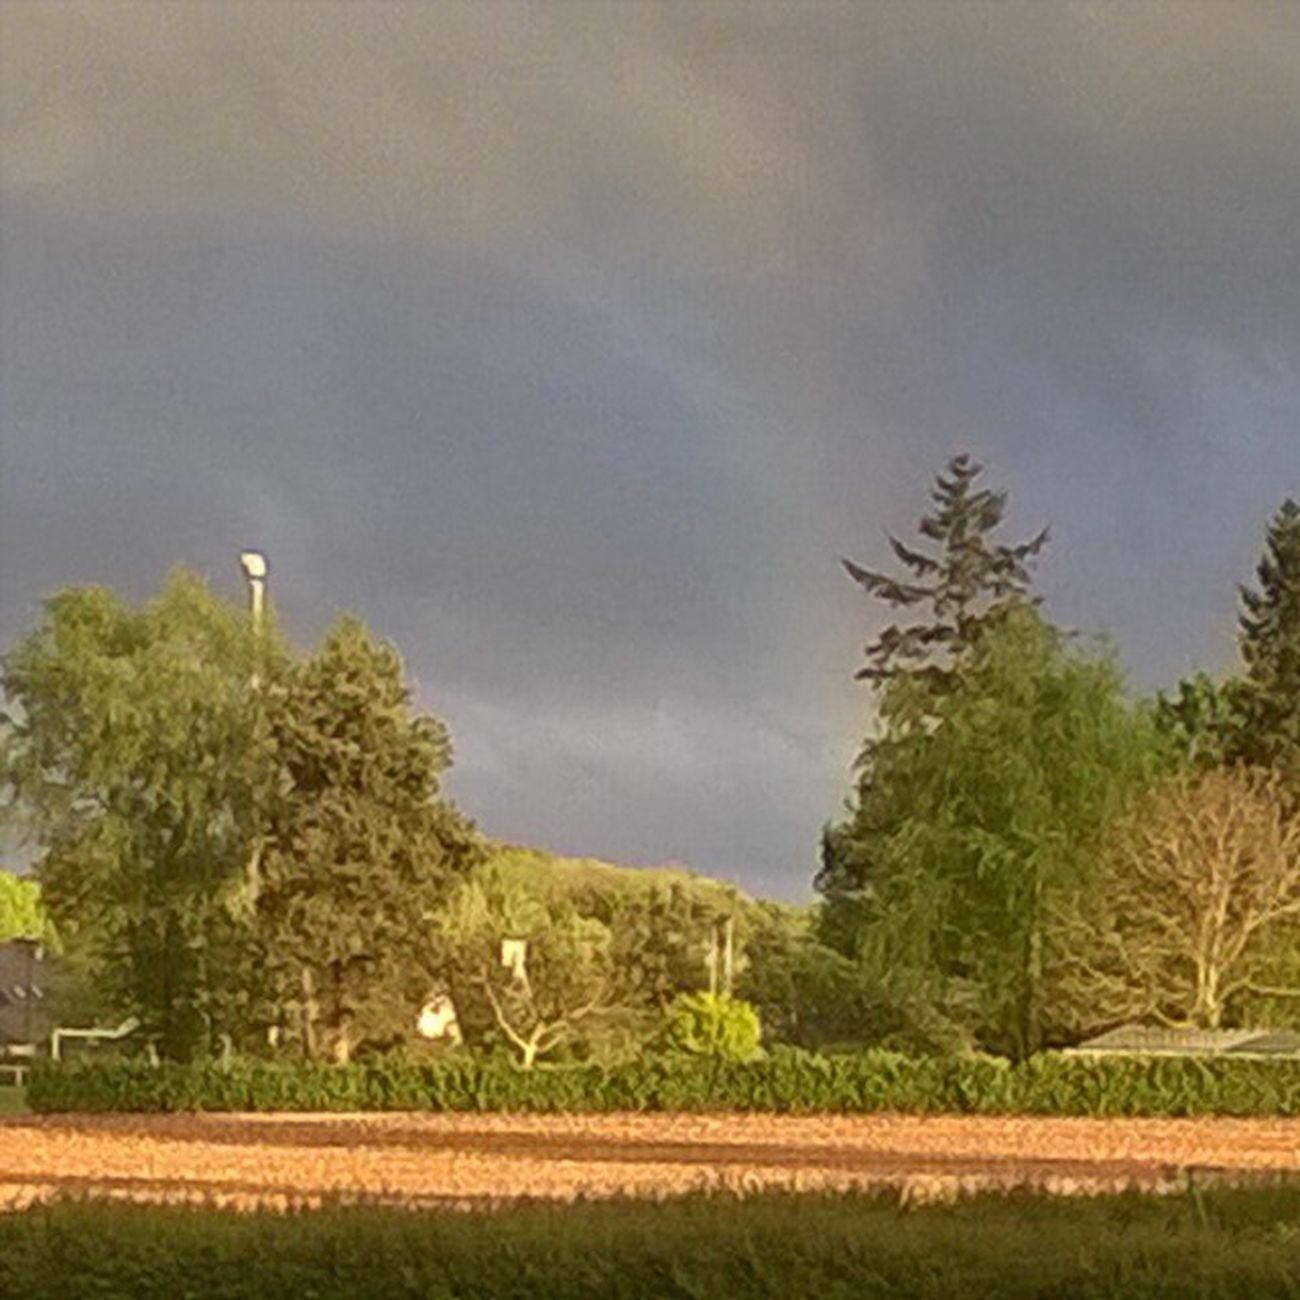 A fading Rainbow behind the Trees and the Field Un Arcenciel pâle derrière les Arbres et le Champ Taupont Morbihan Miamorbihan Bretagne Breizh Jaimelabretagne Fansdebretagne Arcobaleno  Nature Natura Naturelovers Naturegram Nuages Clouds Instagram